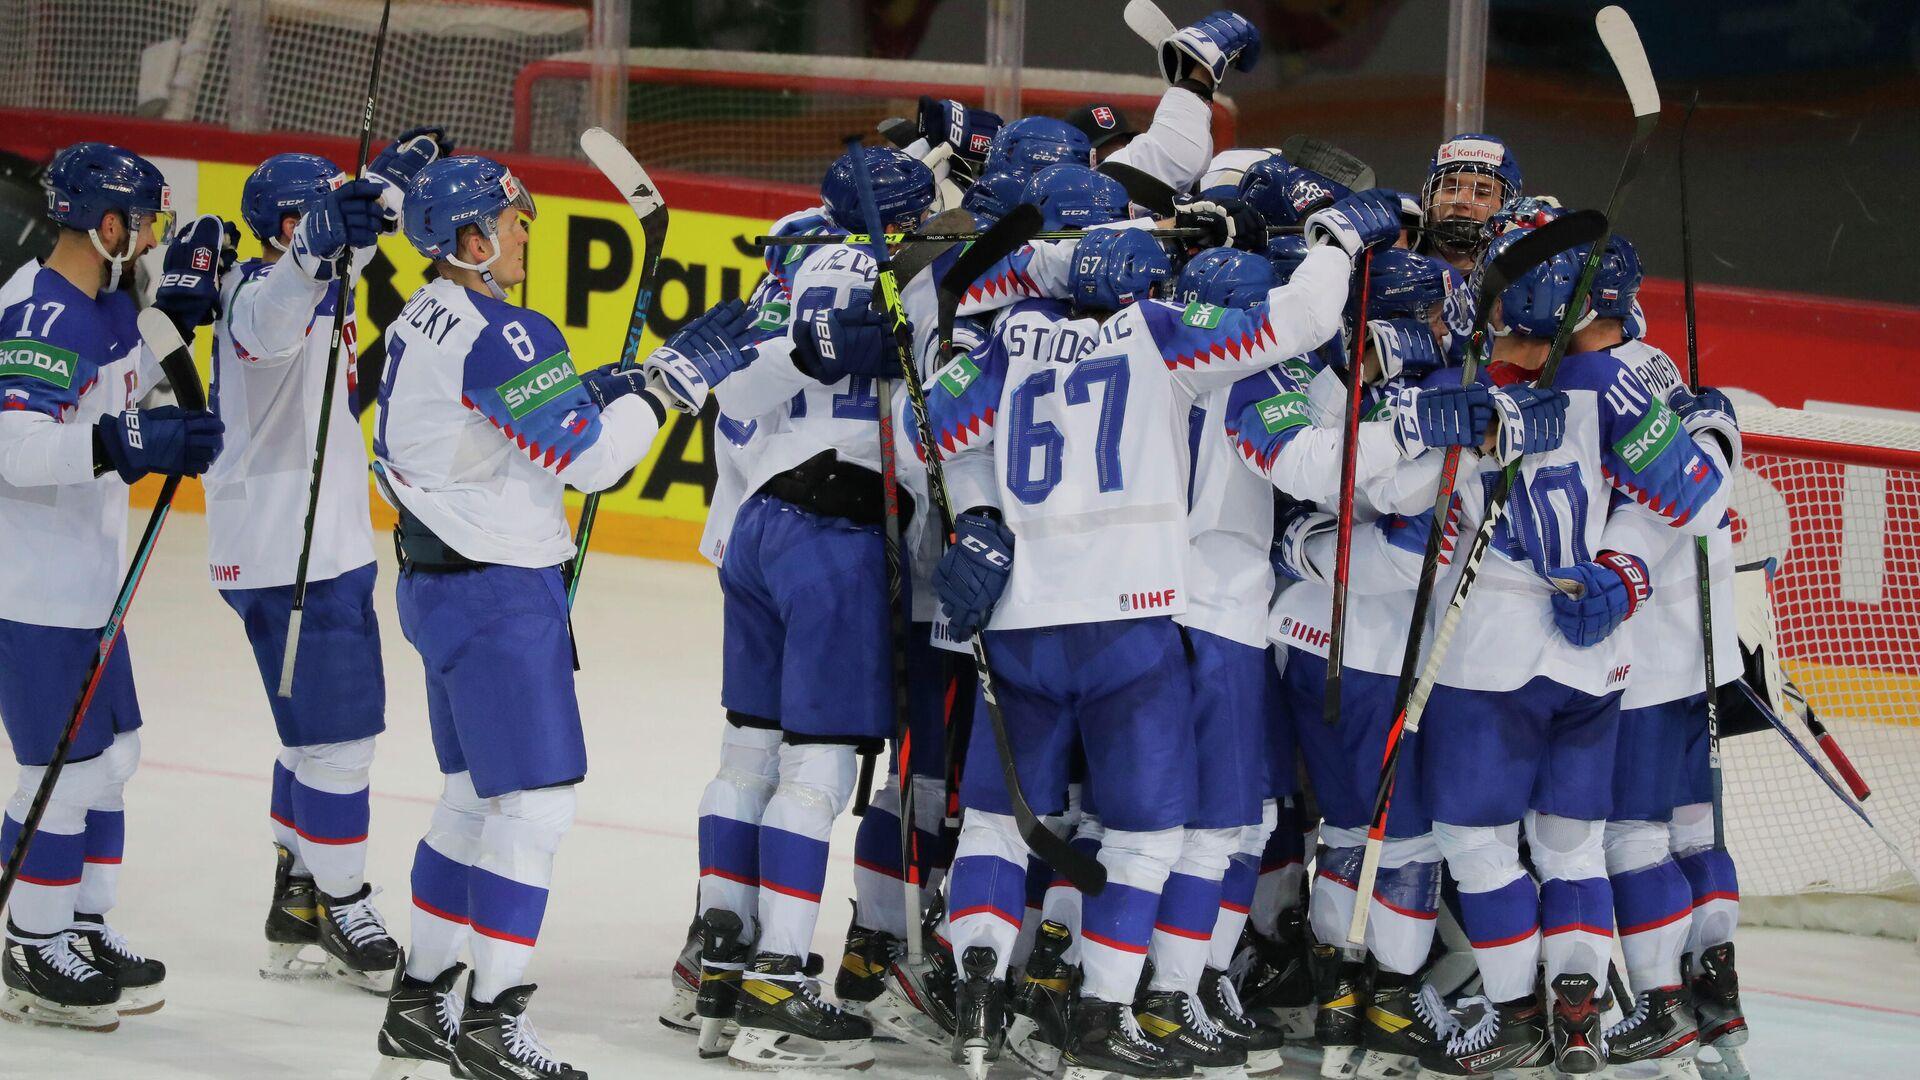 ice Hockey - IIHF World Ice Hockey Championship 2021 - Group A - Slovakia v Denmark - Olympic Sports Centre, Riga, Latvia - May 29, 2021 Slovakia players celebrate after the match REUTERS/Vasily Fedosenko - РИА Новости, 1920, 29.05.2021